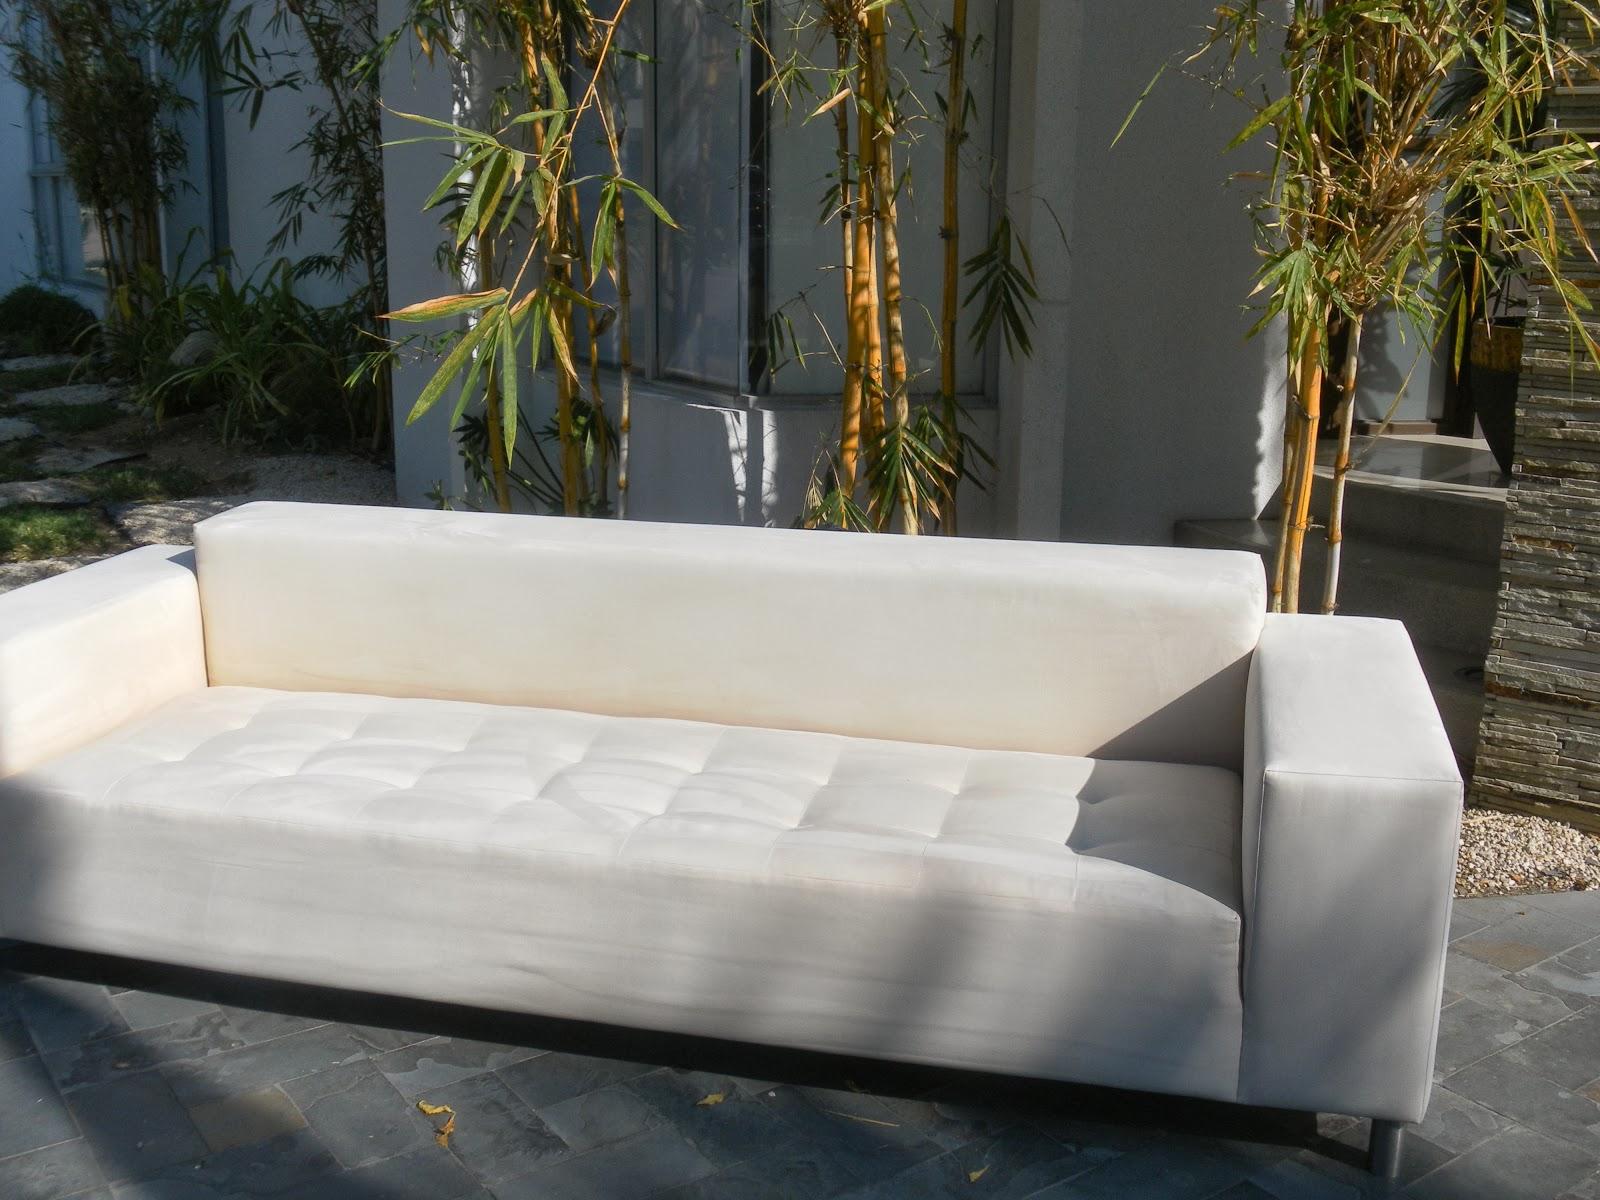 Limpieza Profesional Para Muebles Colchones Alfombras 042578258  # Muebles Cevallos